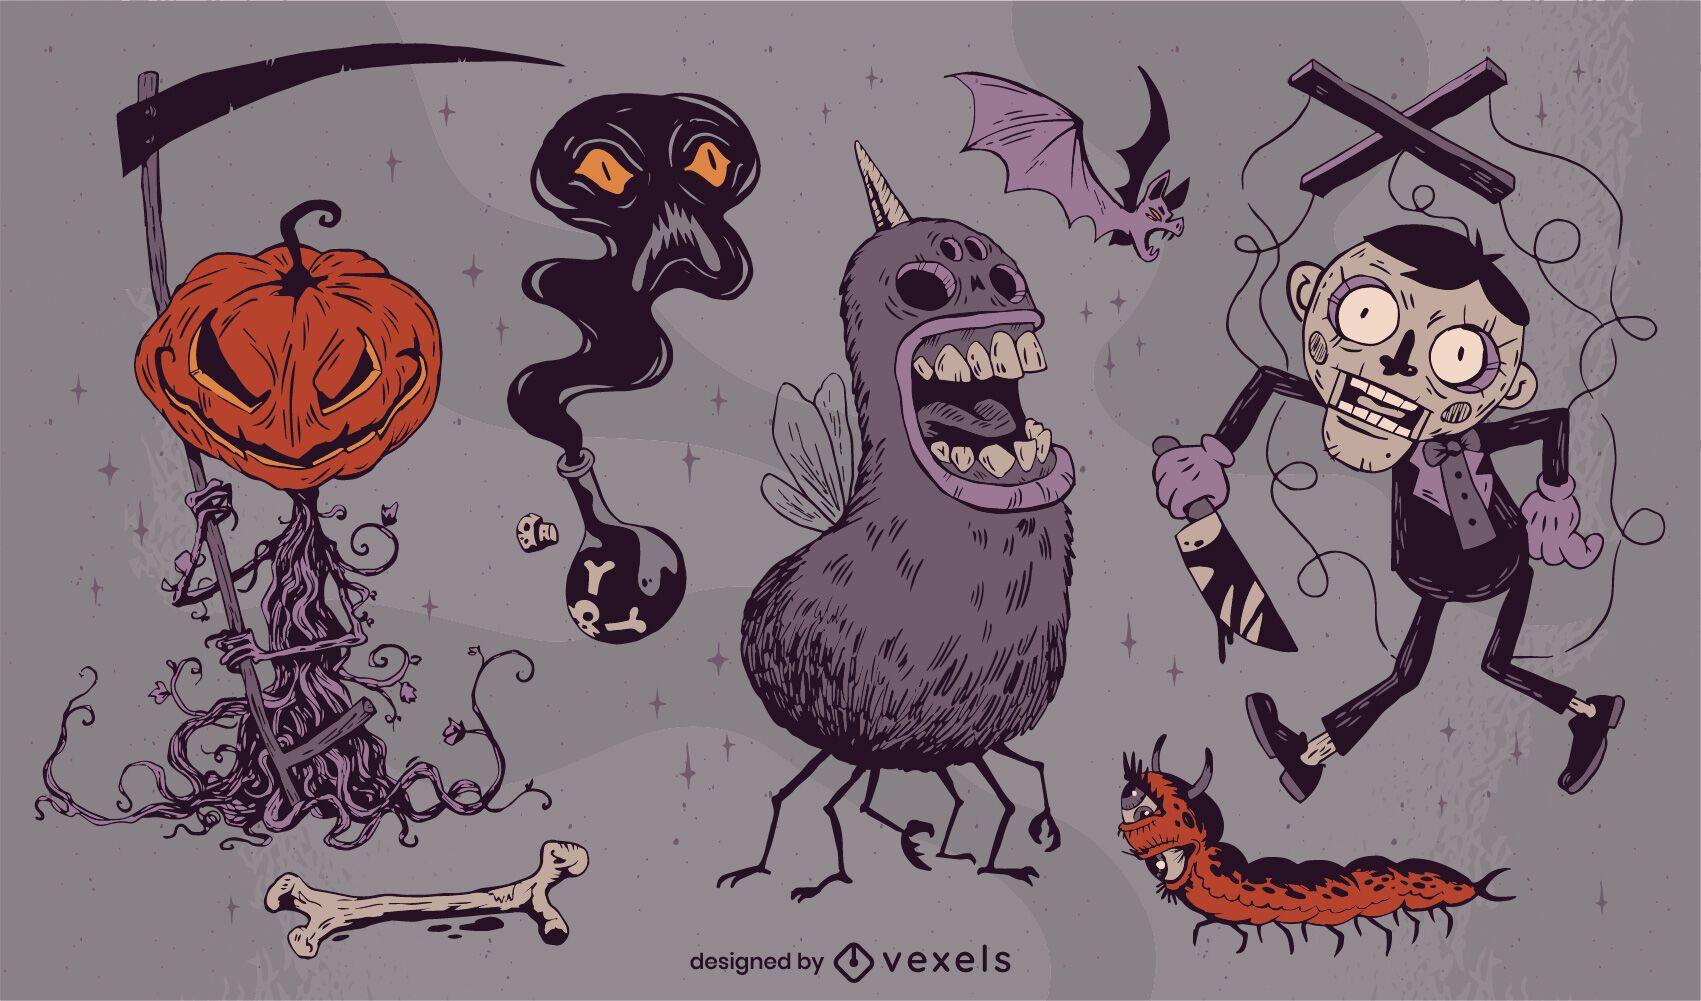 Pacote de criaturas assustadoras de Halloween desenhadas à mão